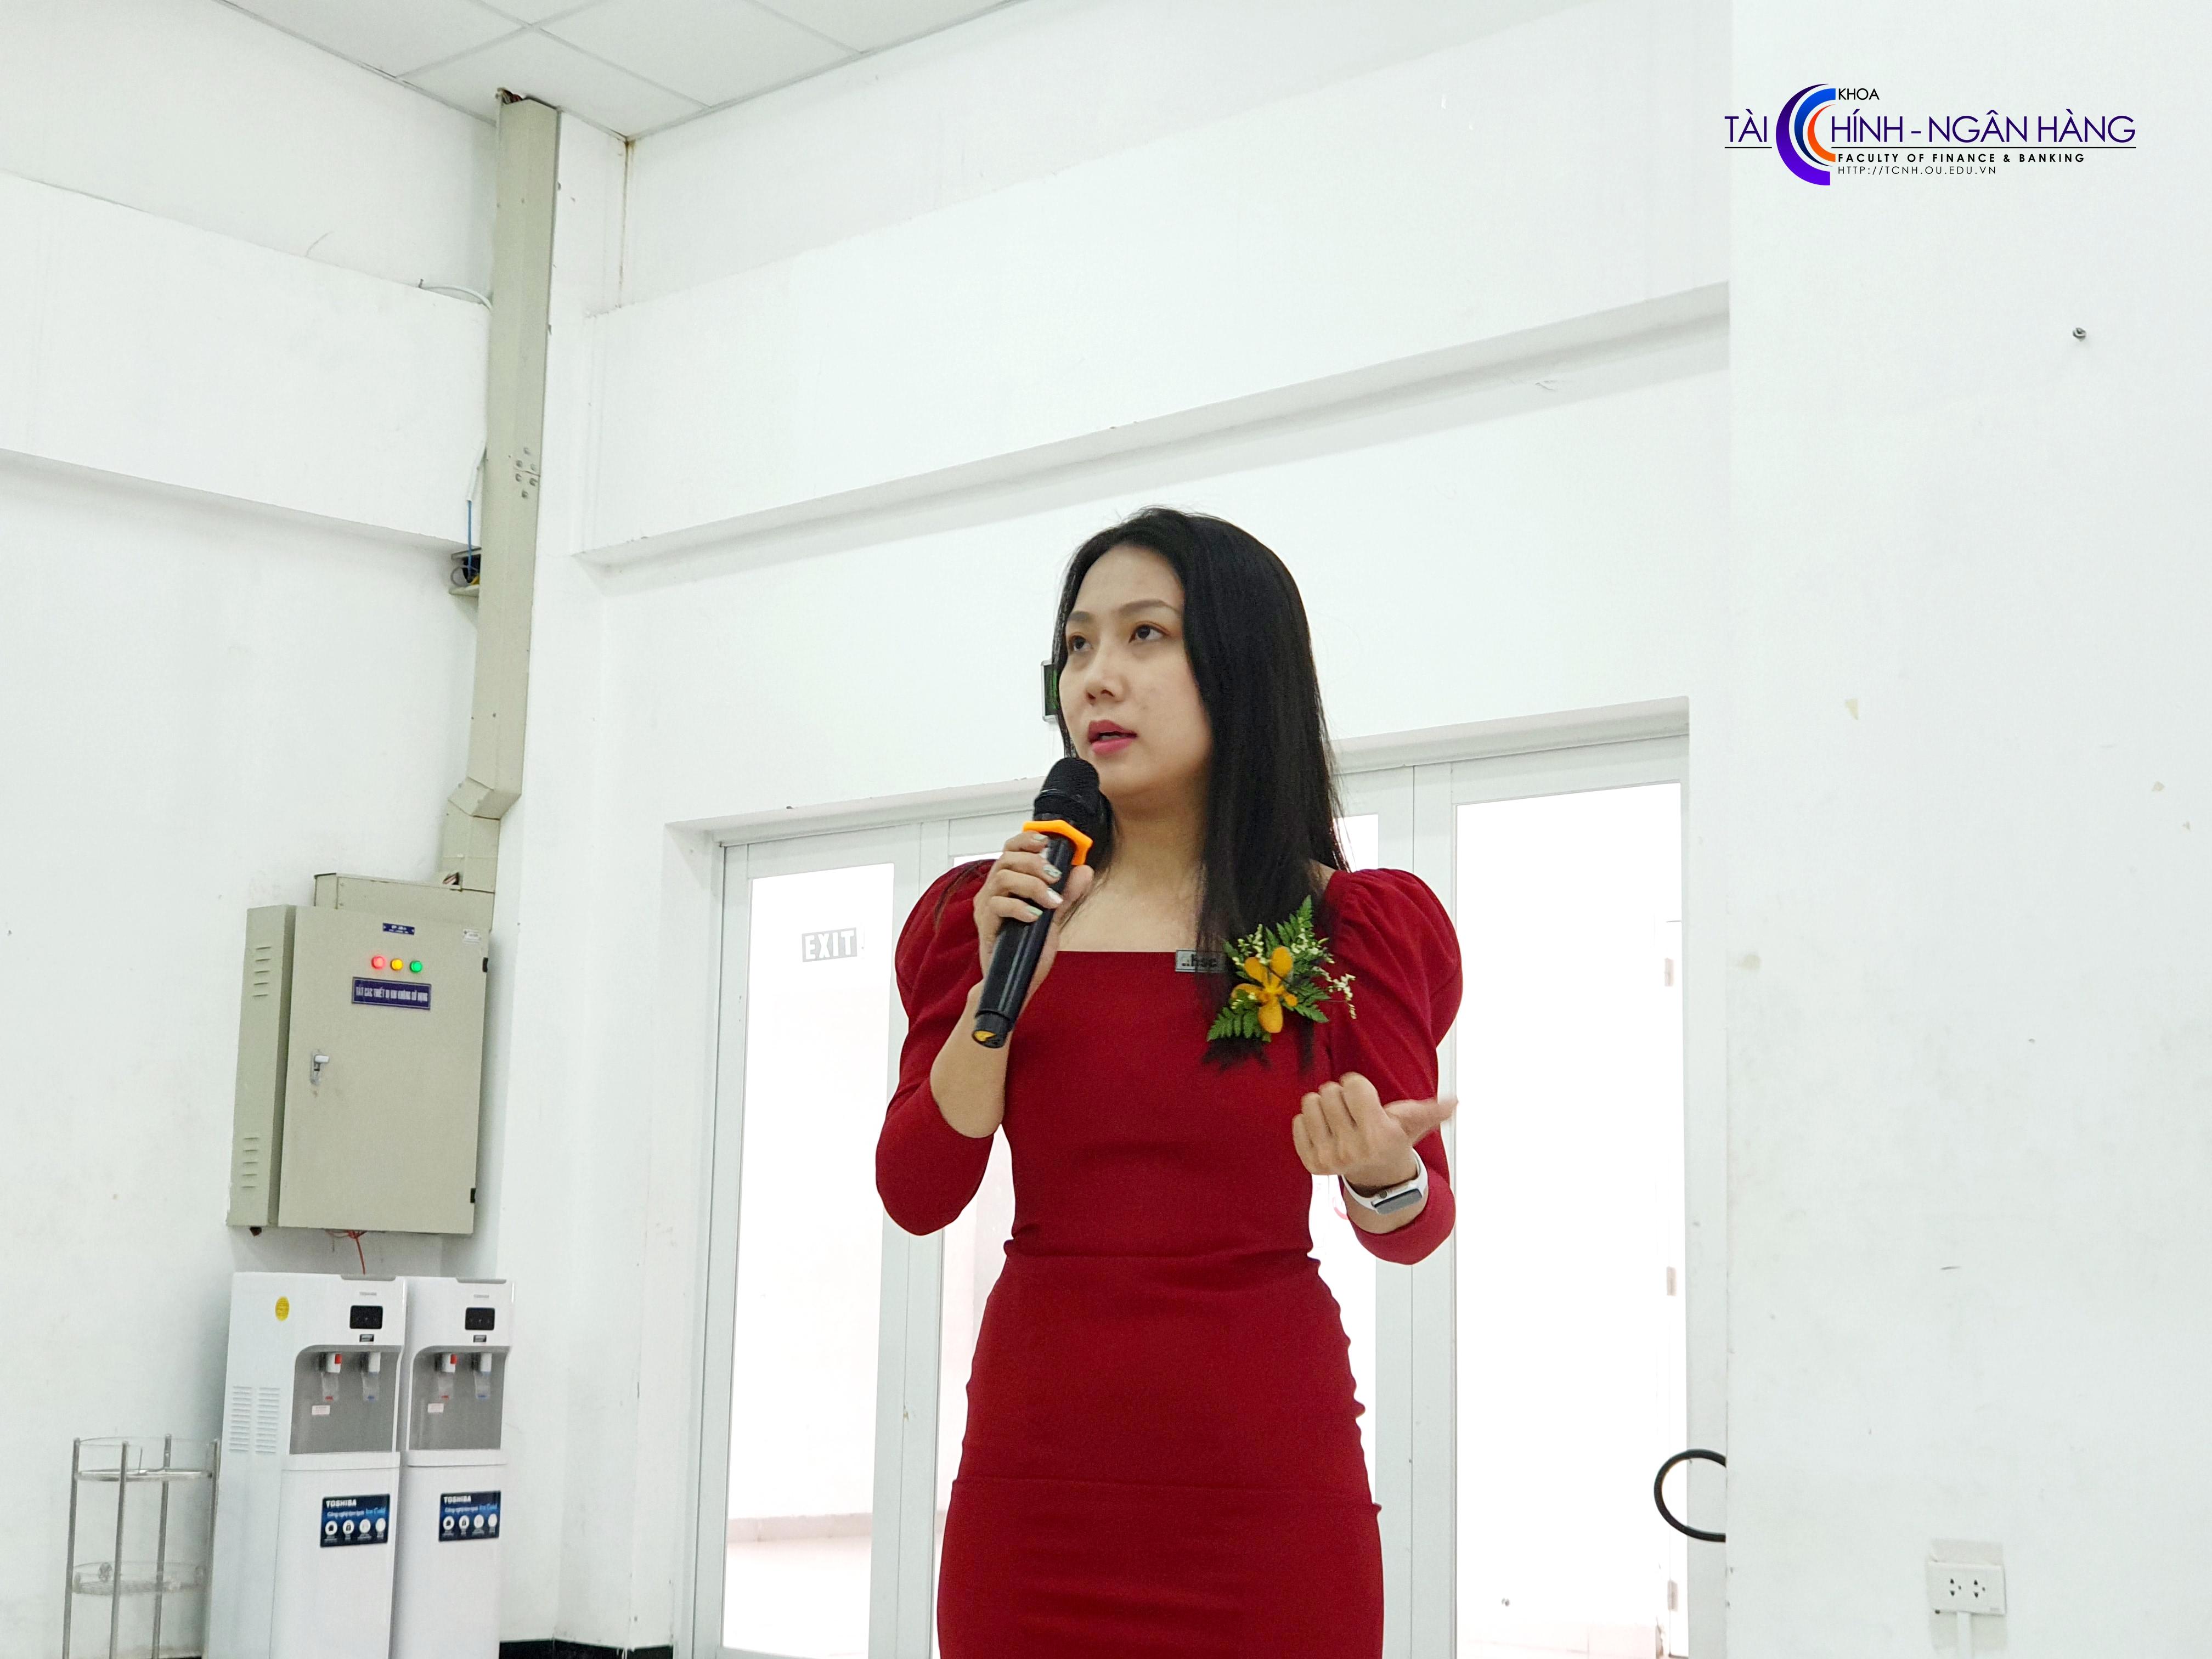 Chị Nguyễn Thu Hiền – cựu sinh viên khóa 2012, chia sẻ về con đường sự nghiệp của bản thân